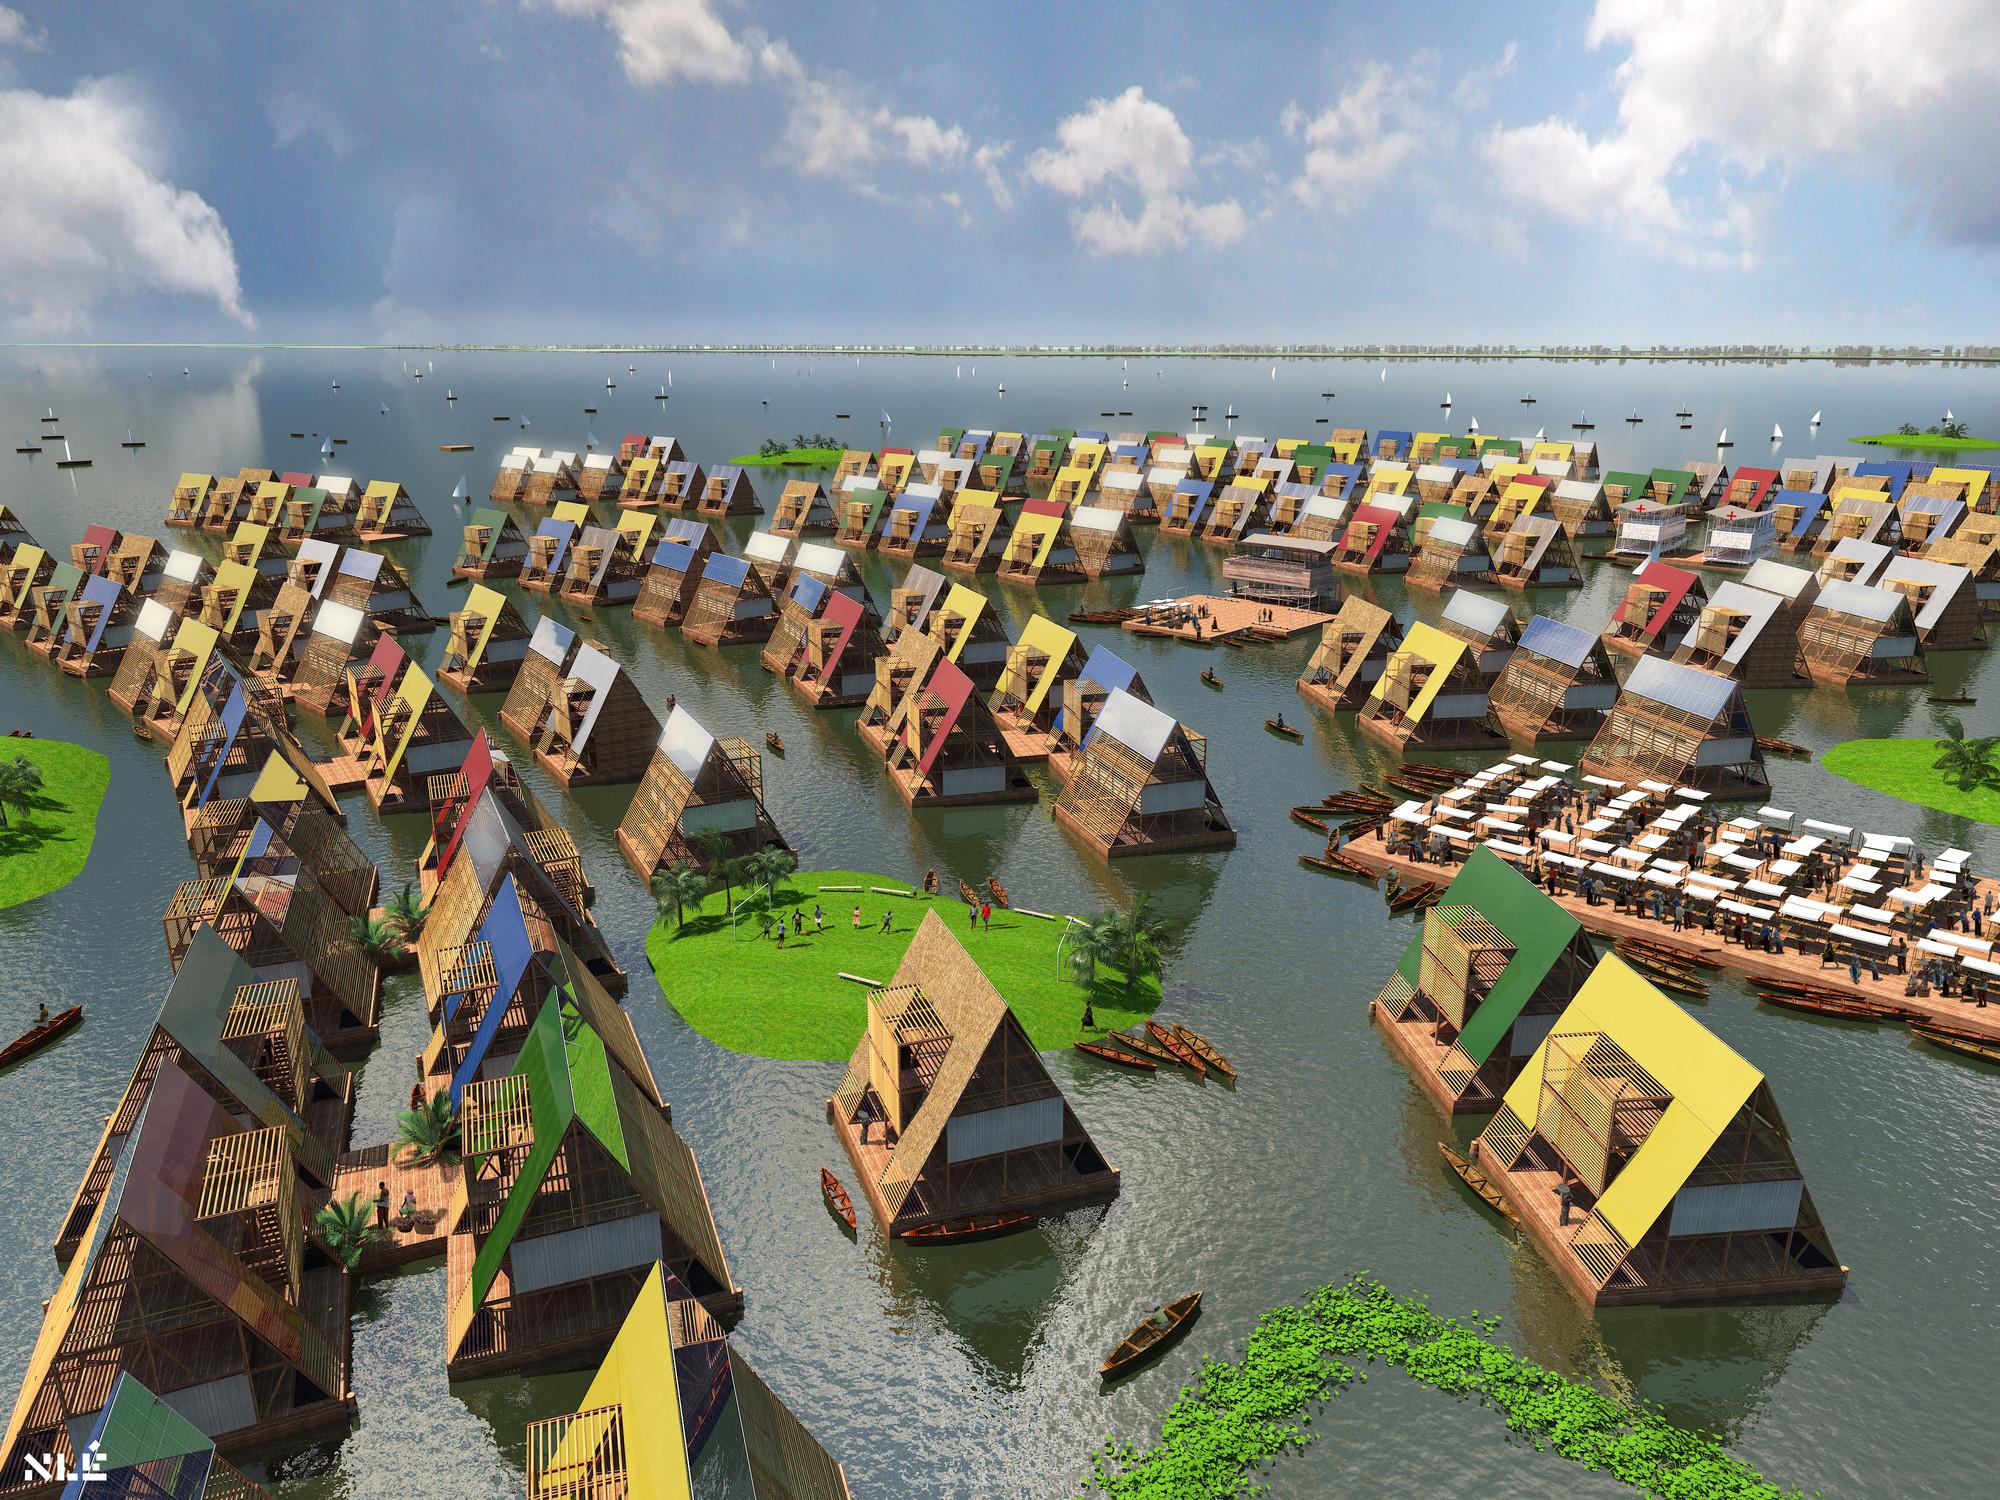 escuela que flota sobre la superficie del agua en Nigeria